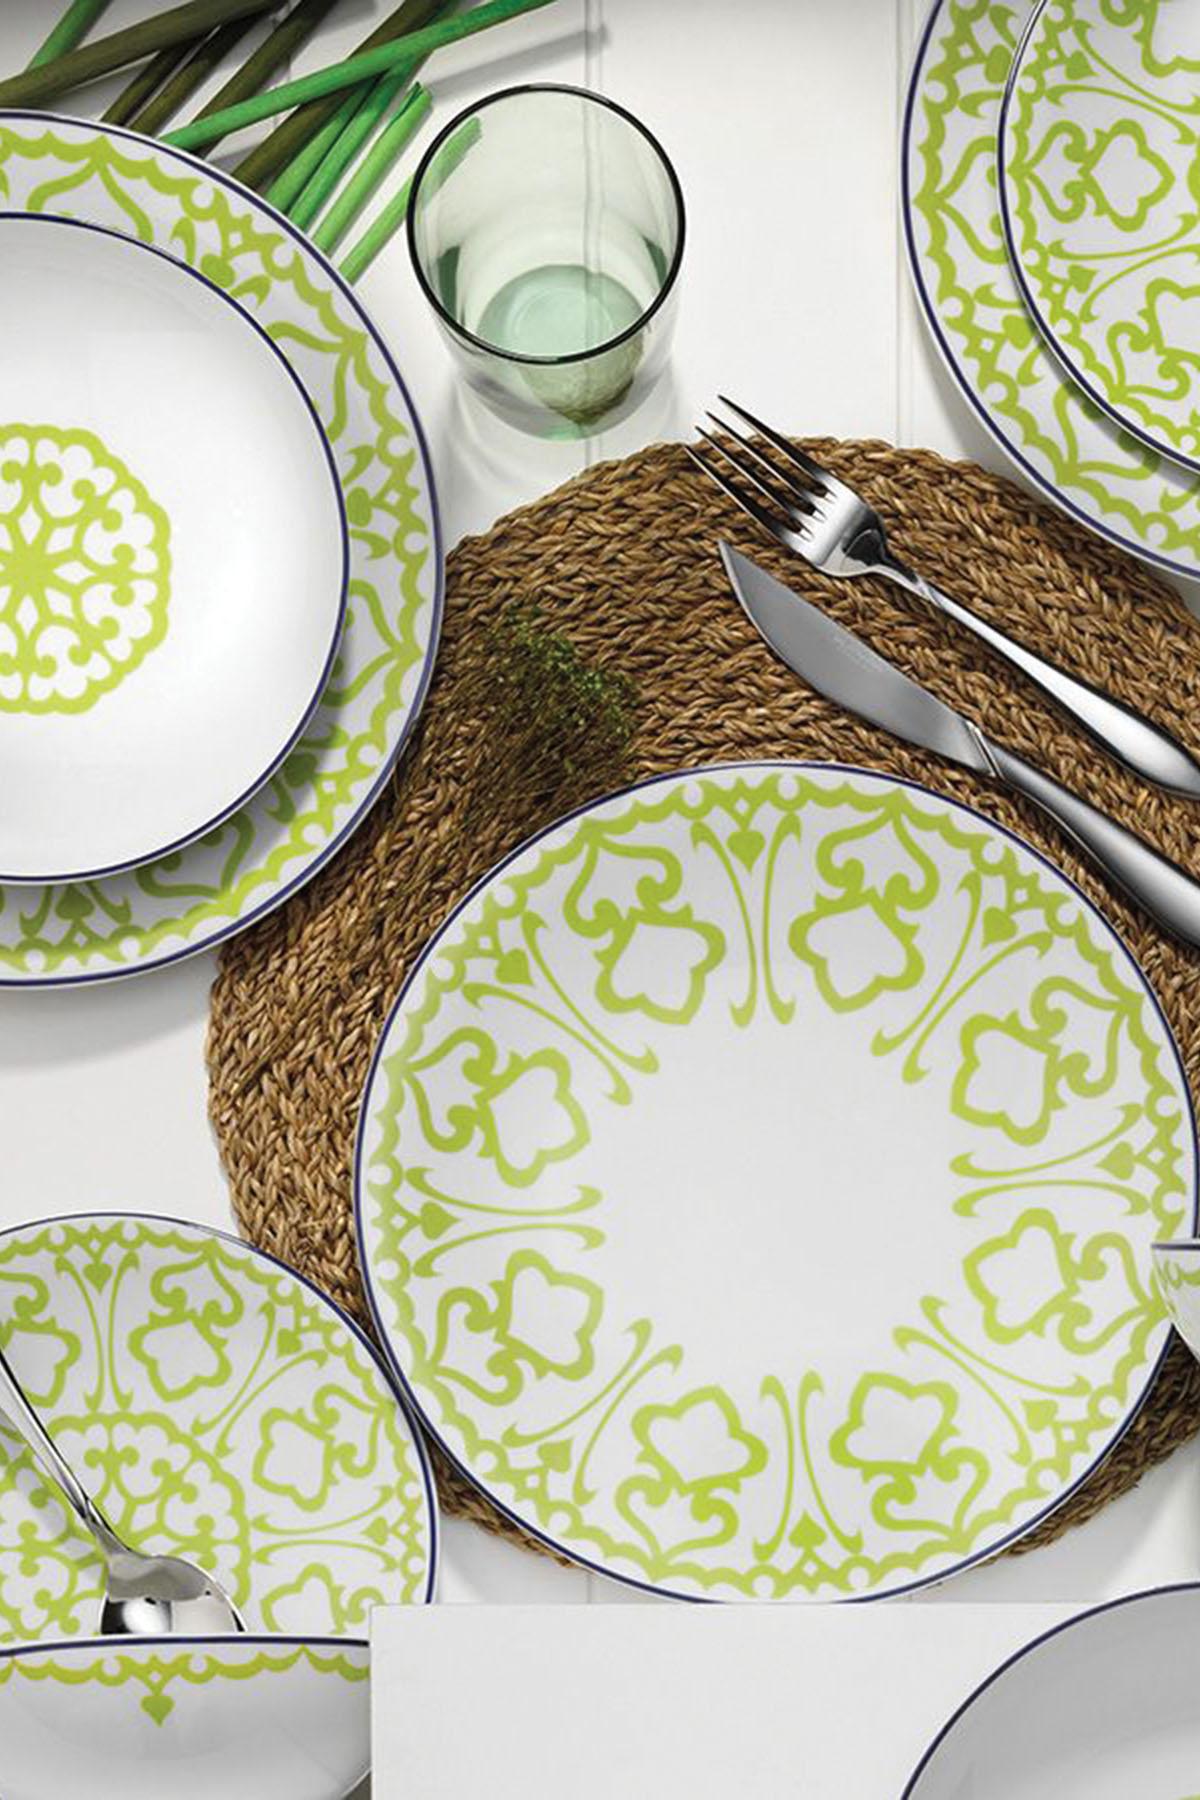 Kütahya Porselen - Kütahya Porselen 59663 Desen 24 Parça Yemek Seti Yeşil